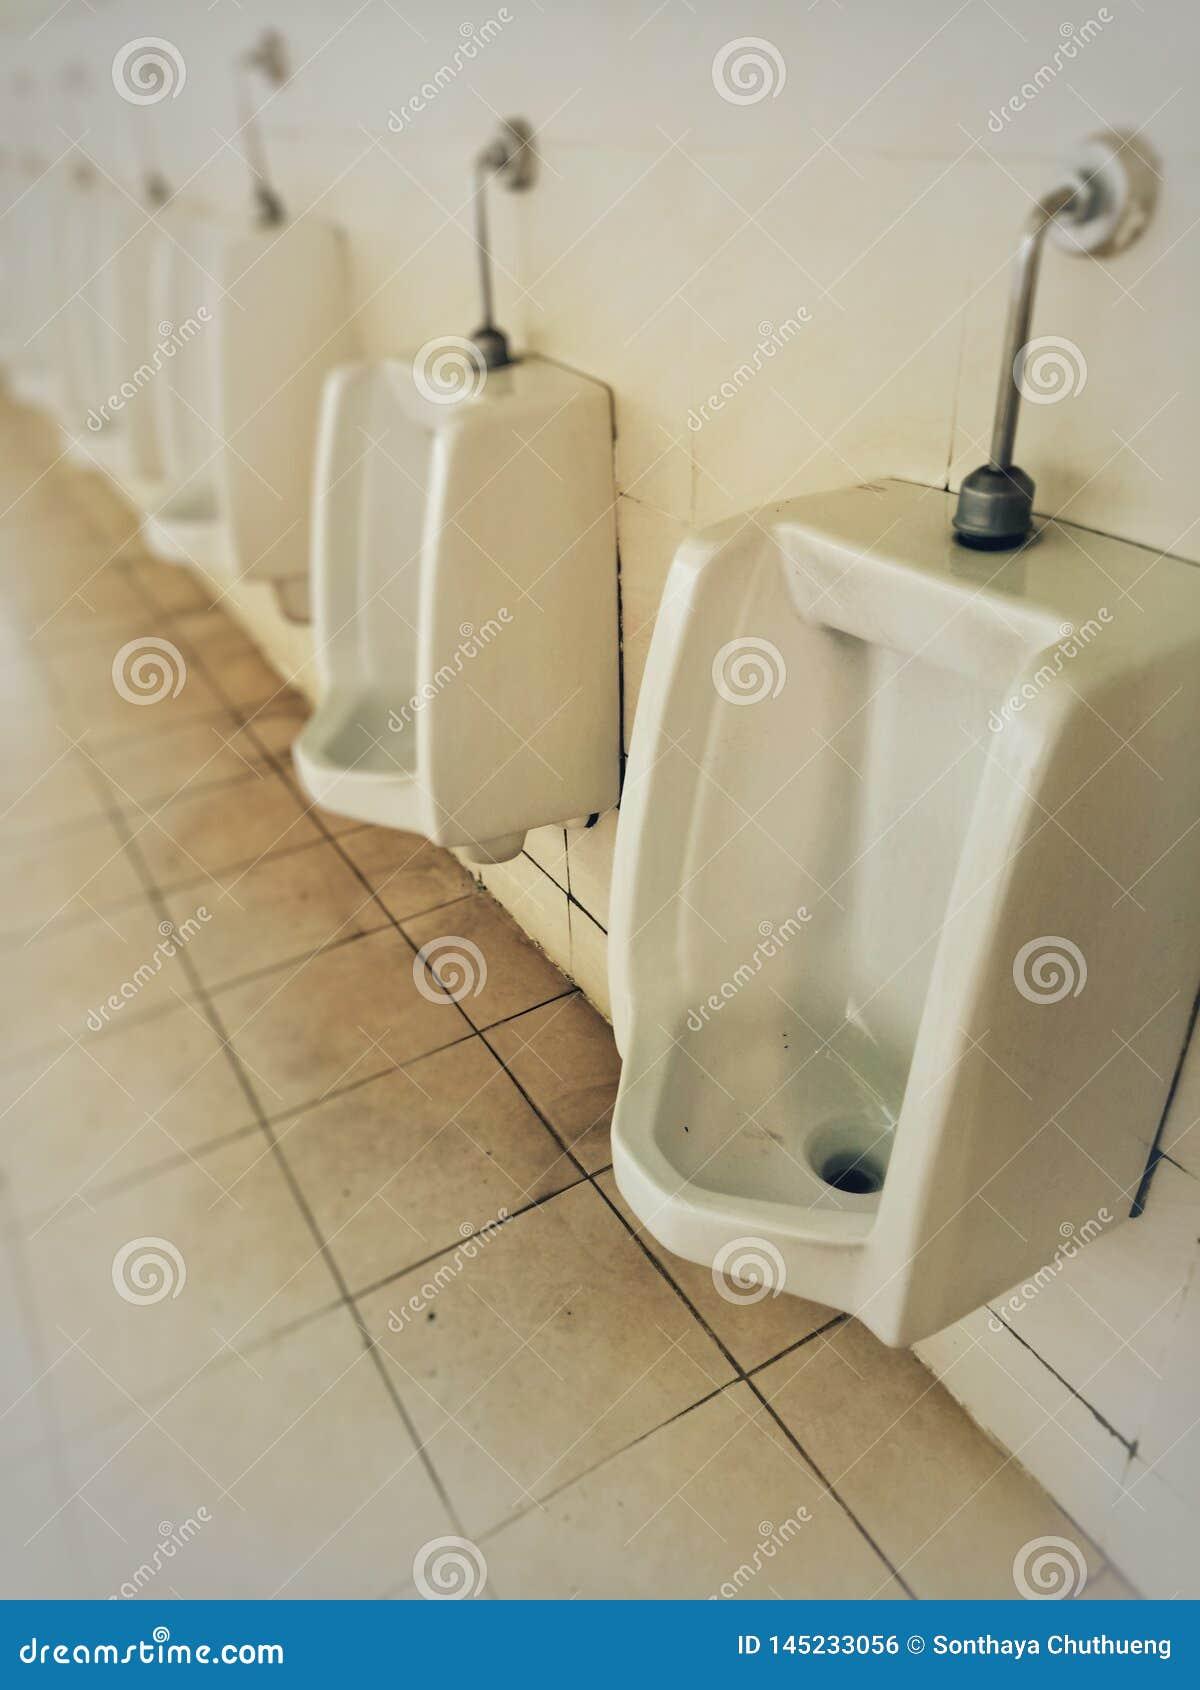 Badrummet är smutsigt